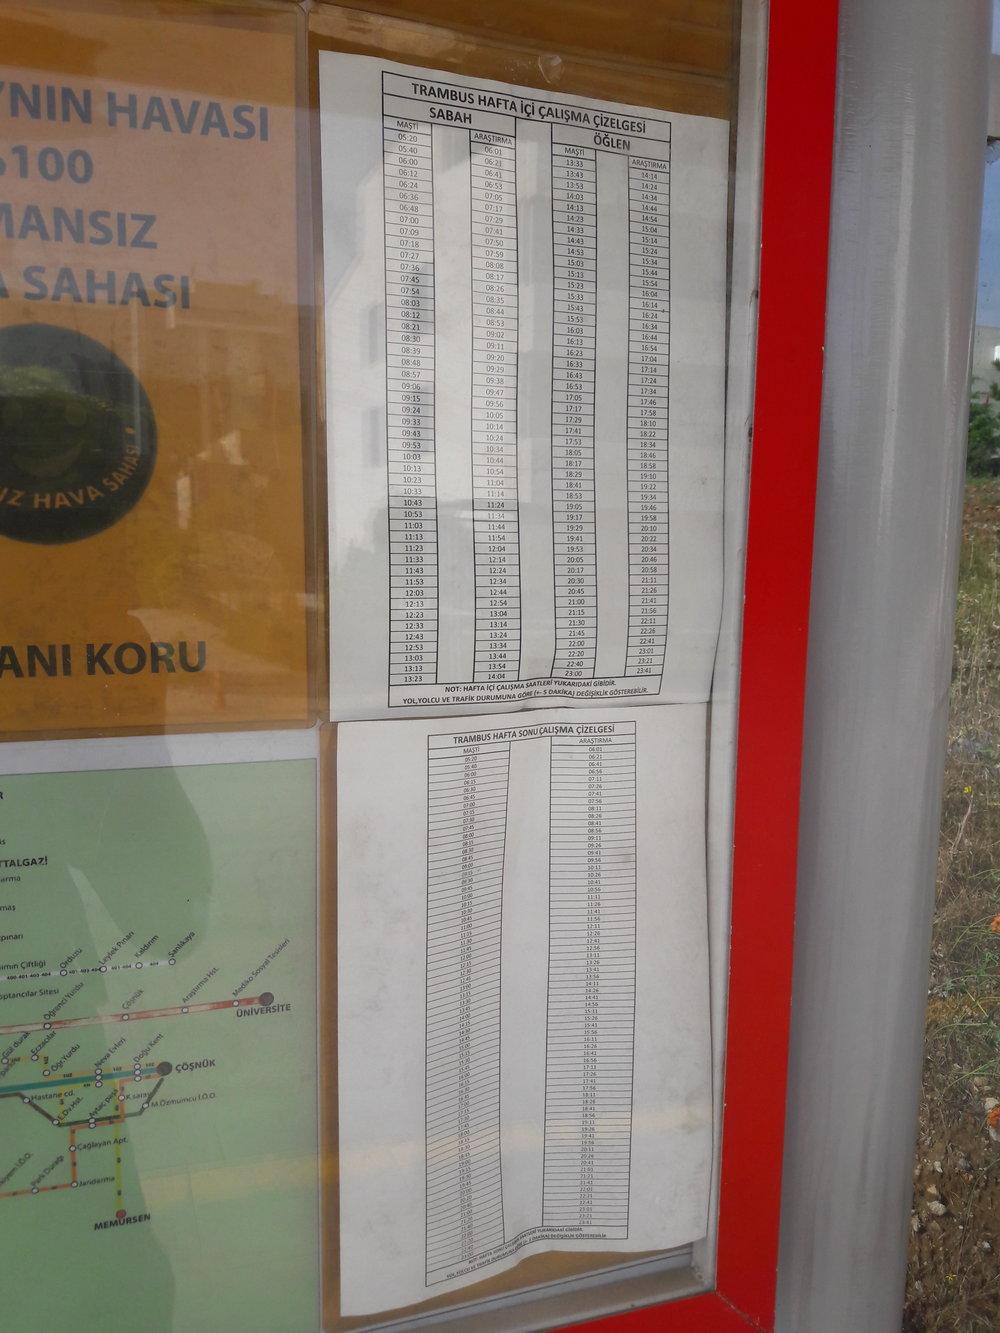 Jízdní řád je už starý. Trolejbusy jezdí po většinu dne každých 5 až 8 minut.